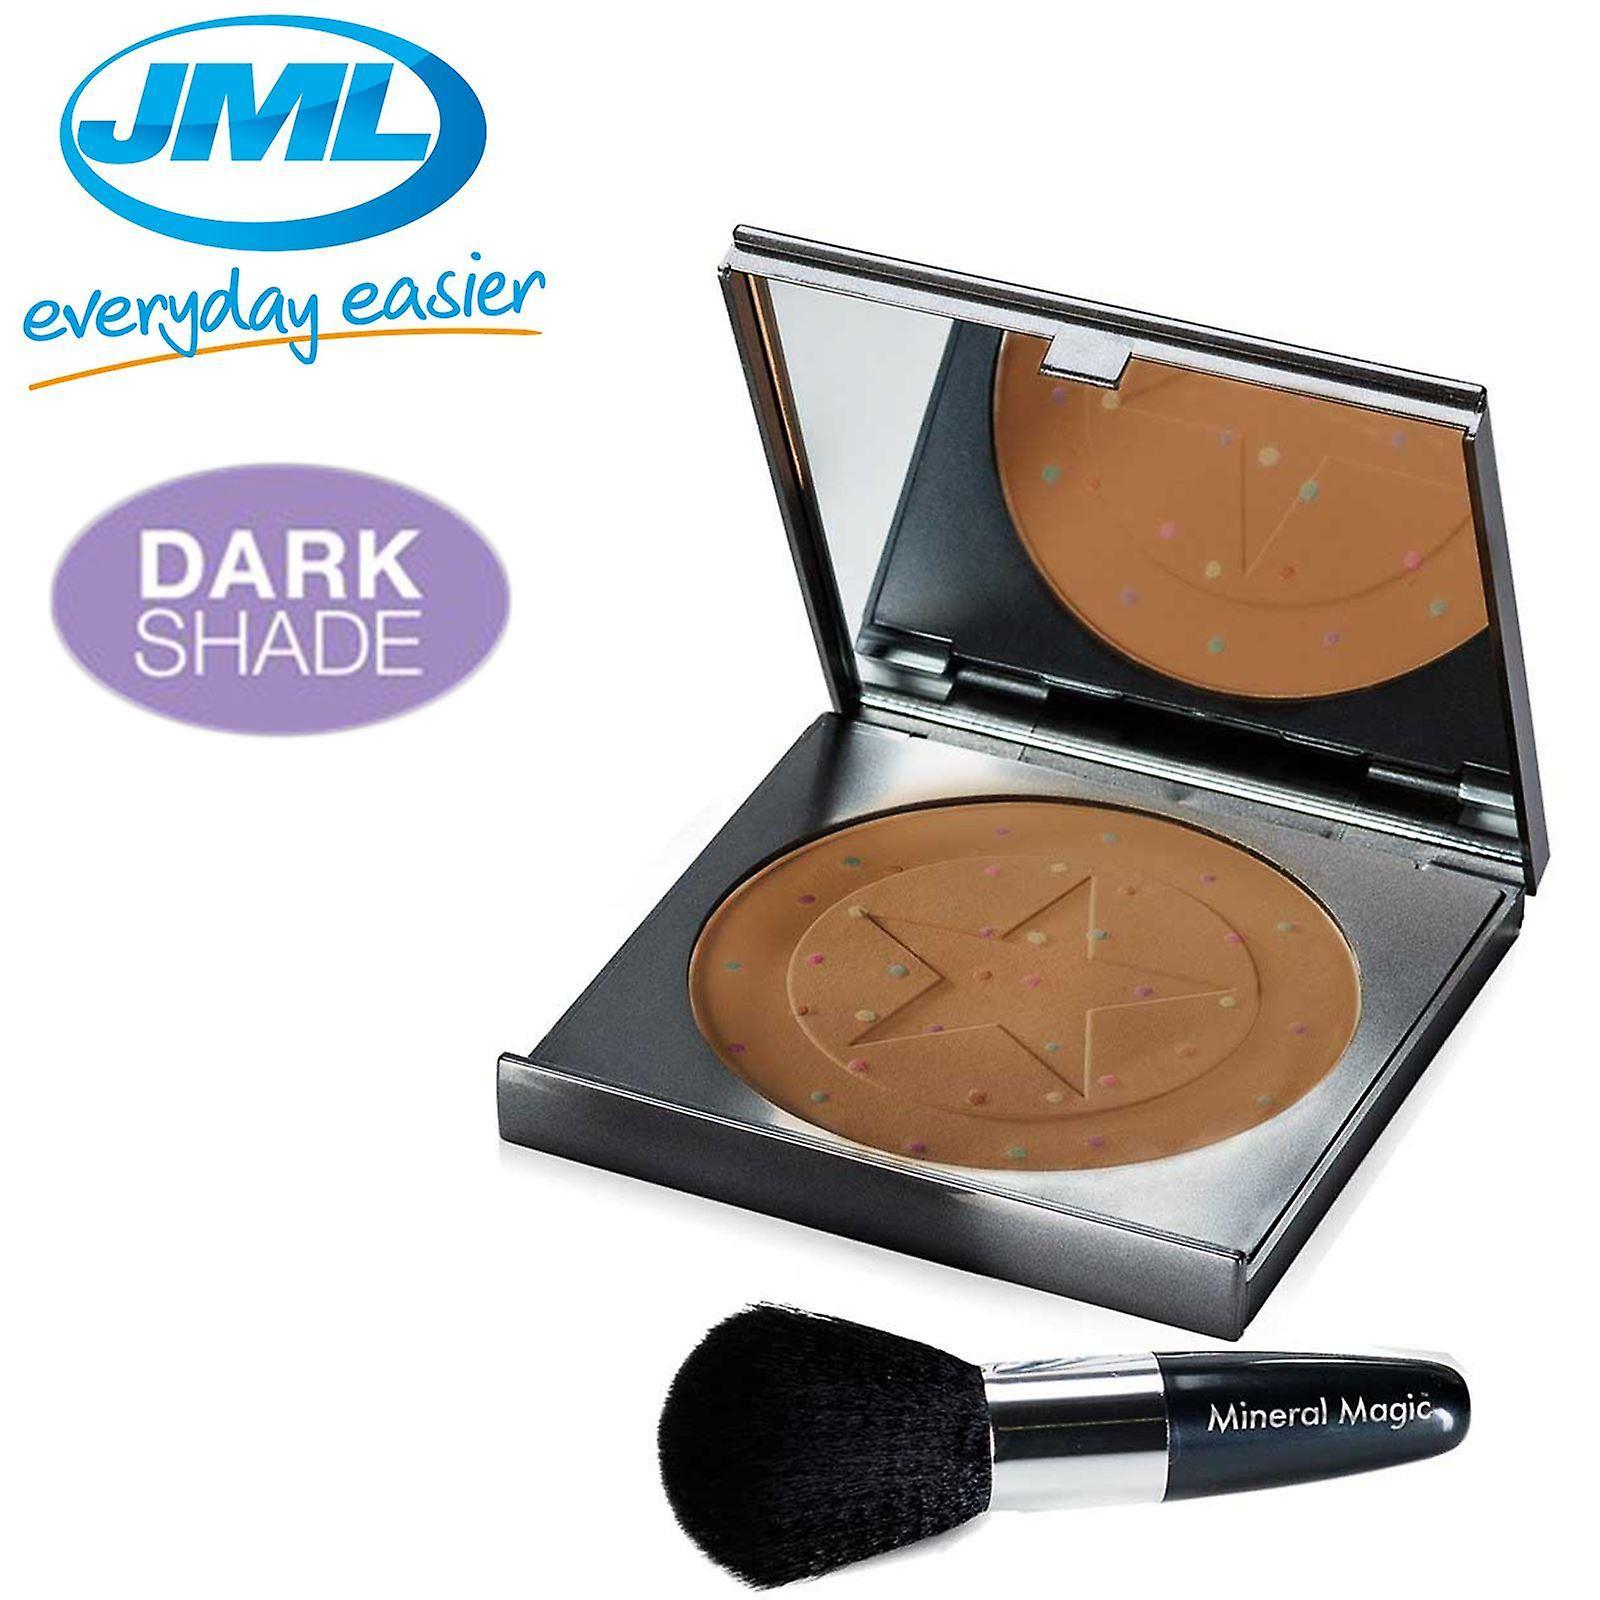 JML Mineral mágico color corrección de polvo - tono oscuro